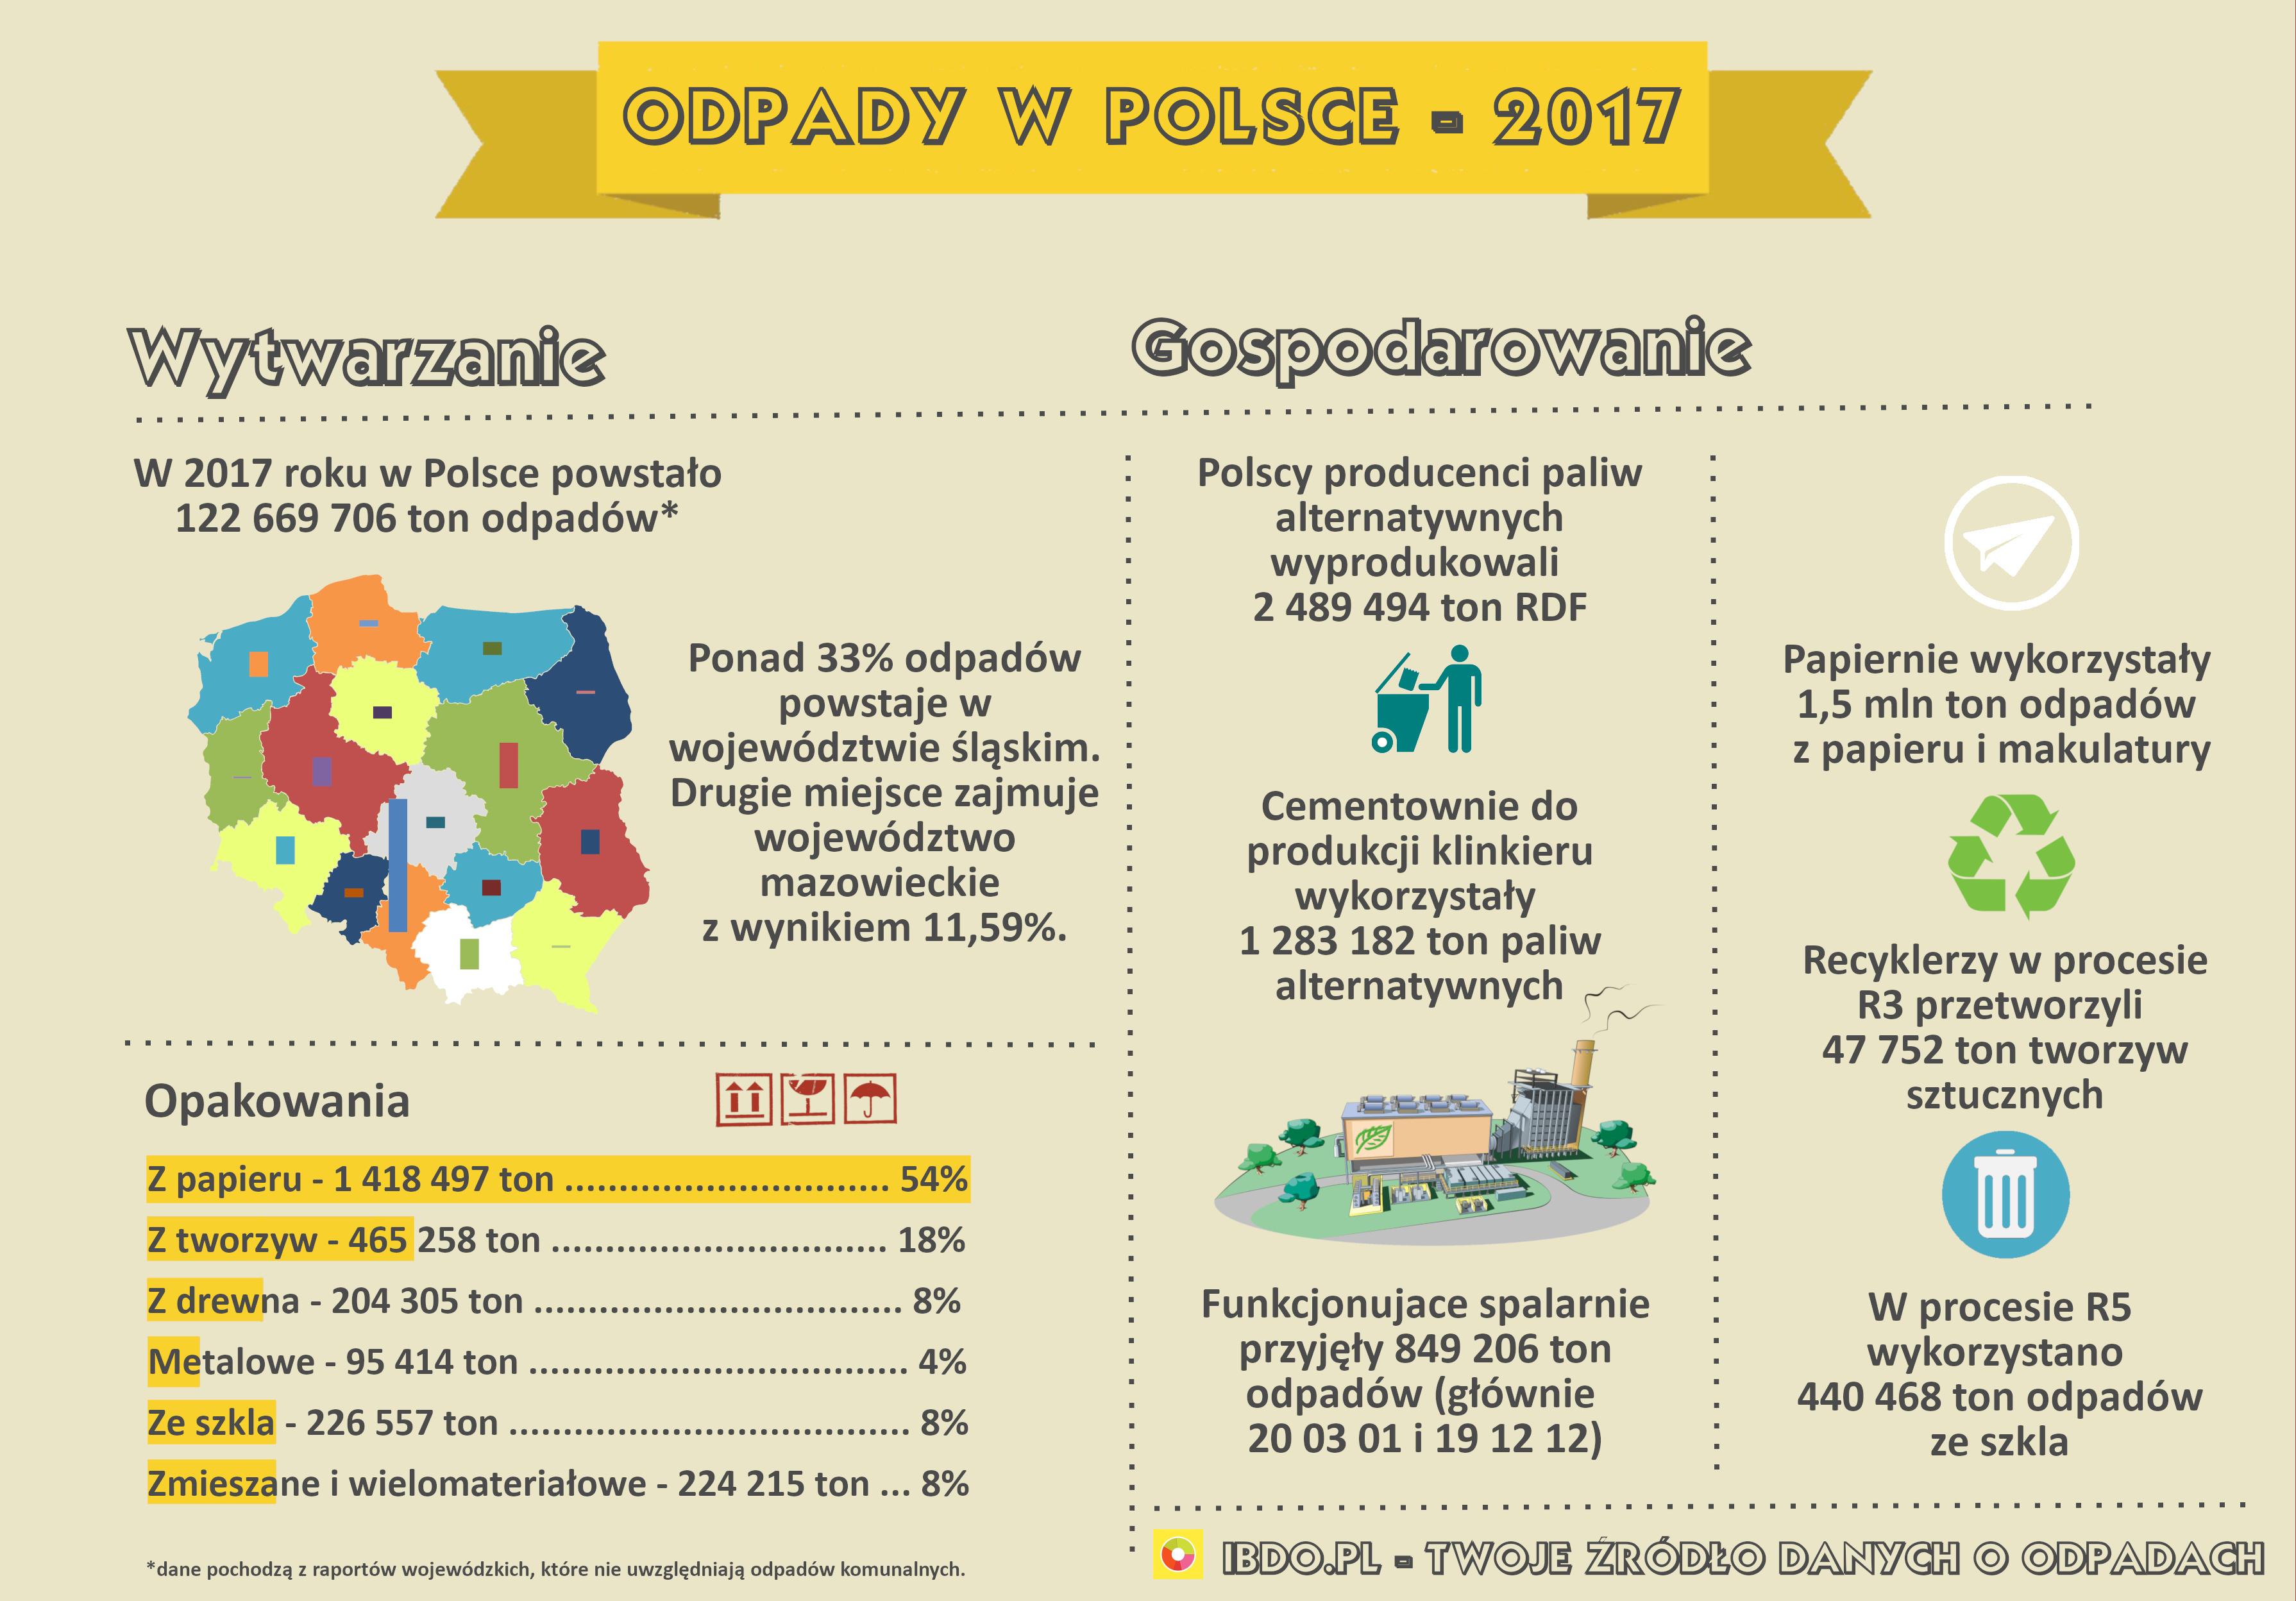 Odpady w Polsce - 2017